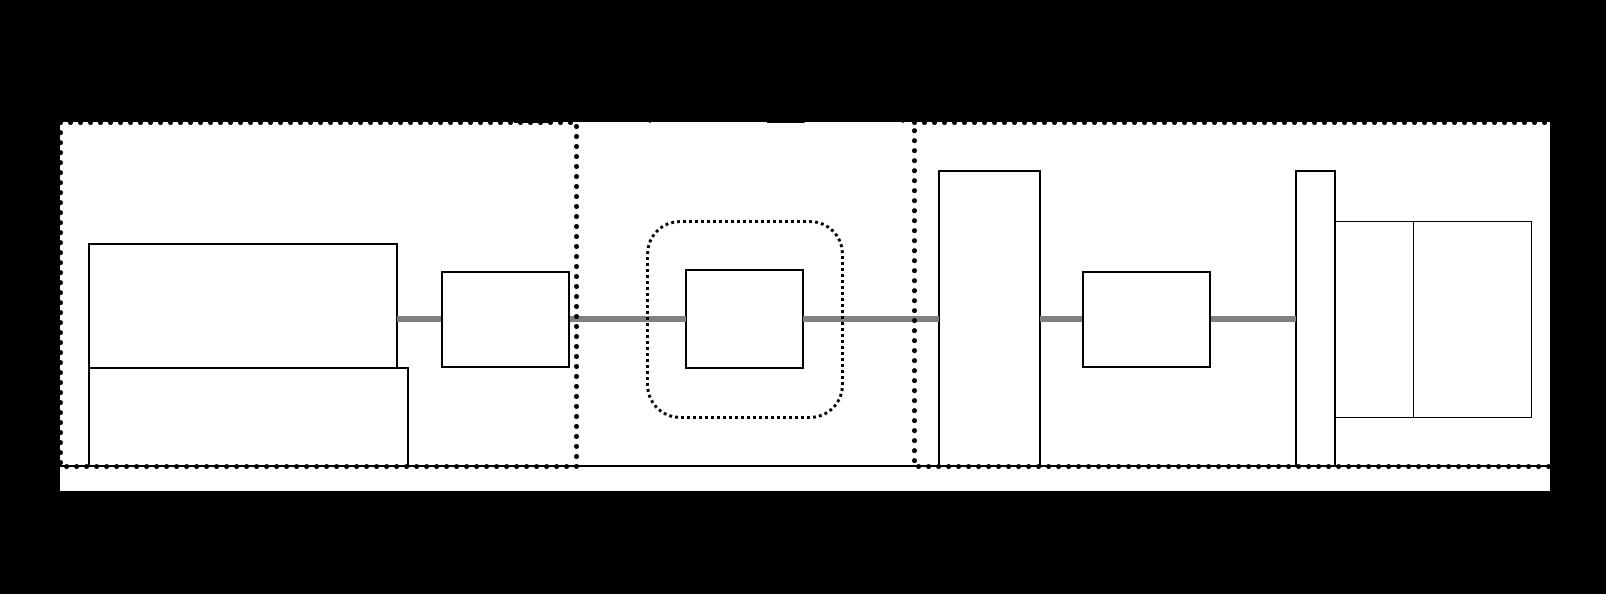 減速機伝達特性測定機の動特性測定ベンチ